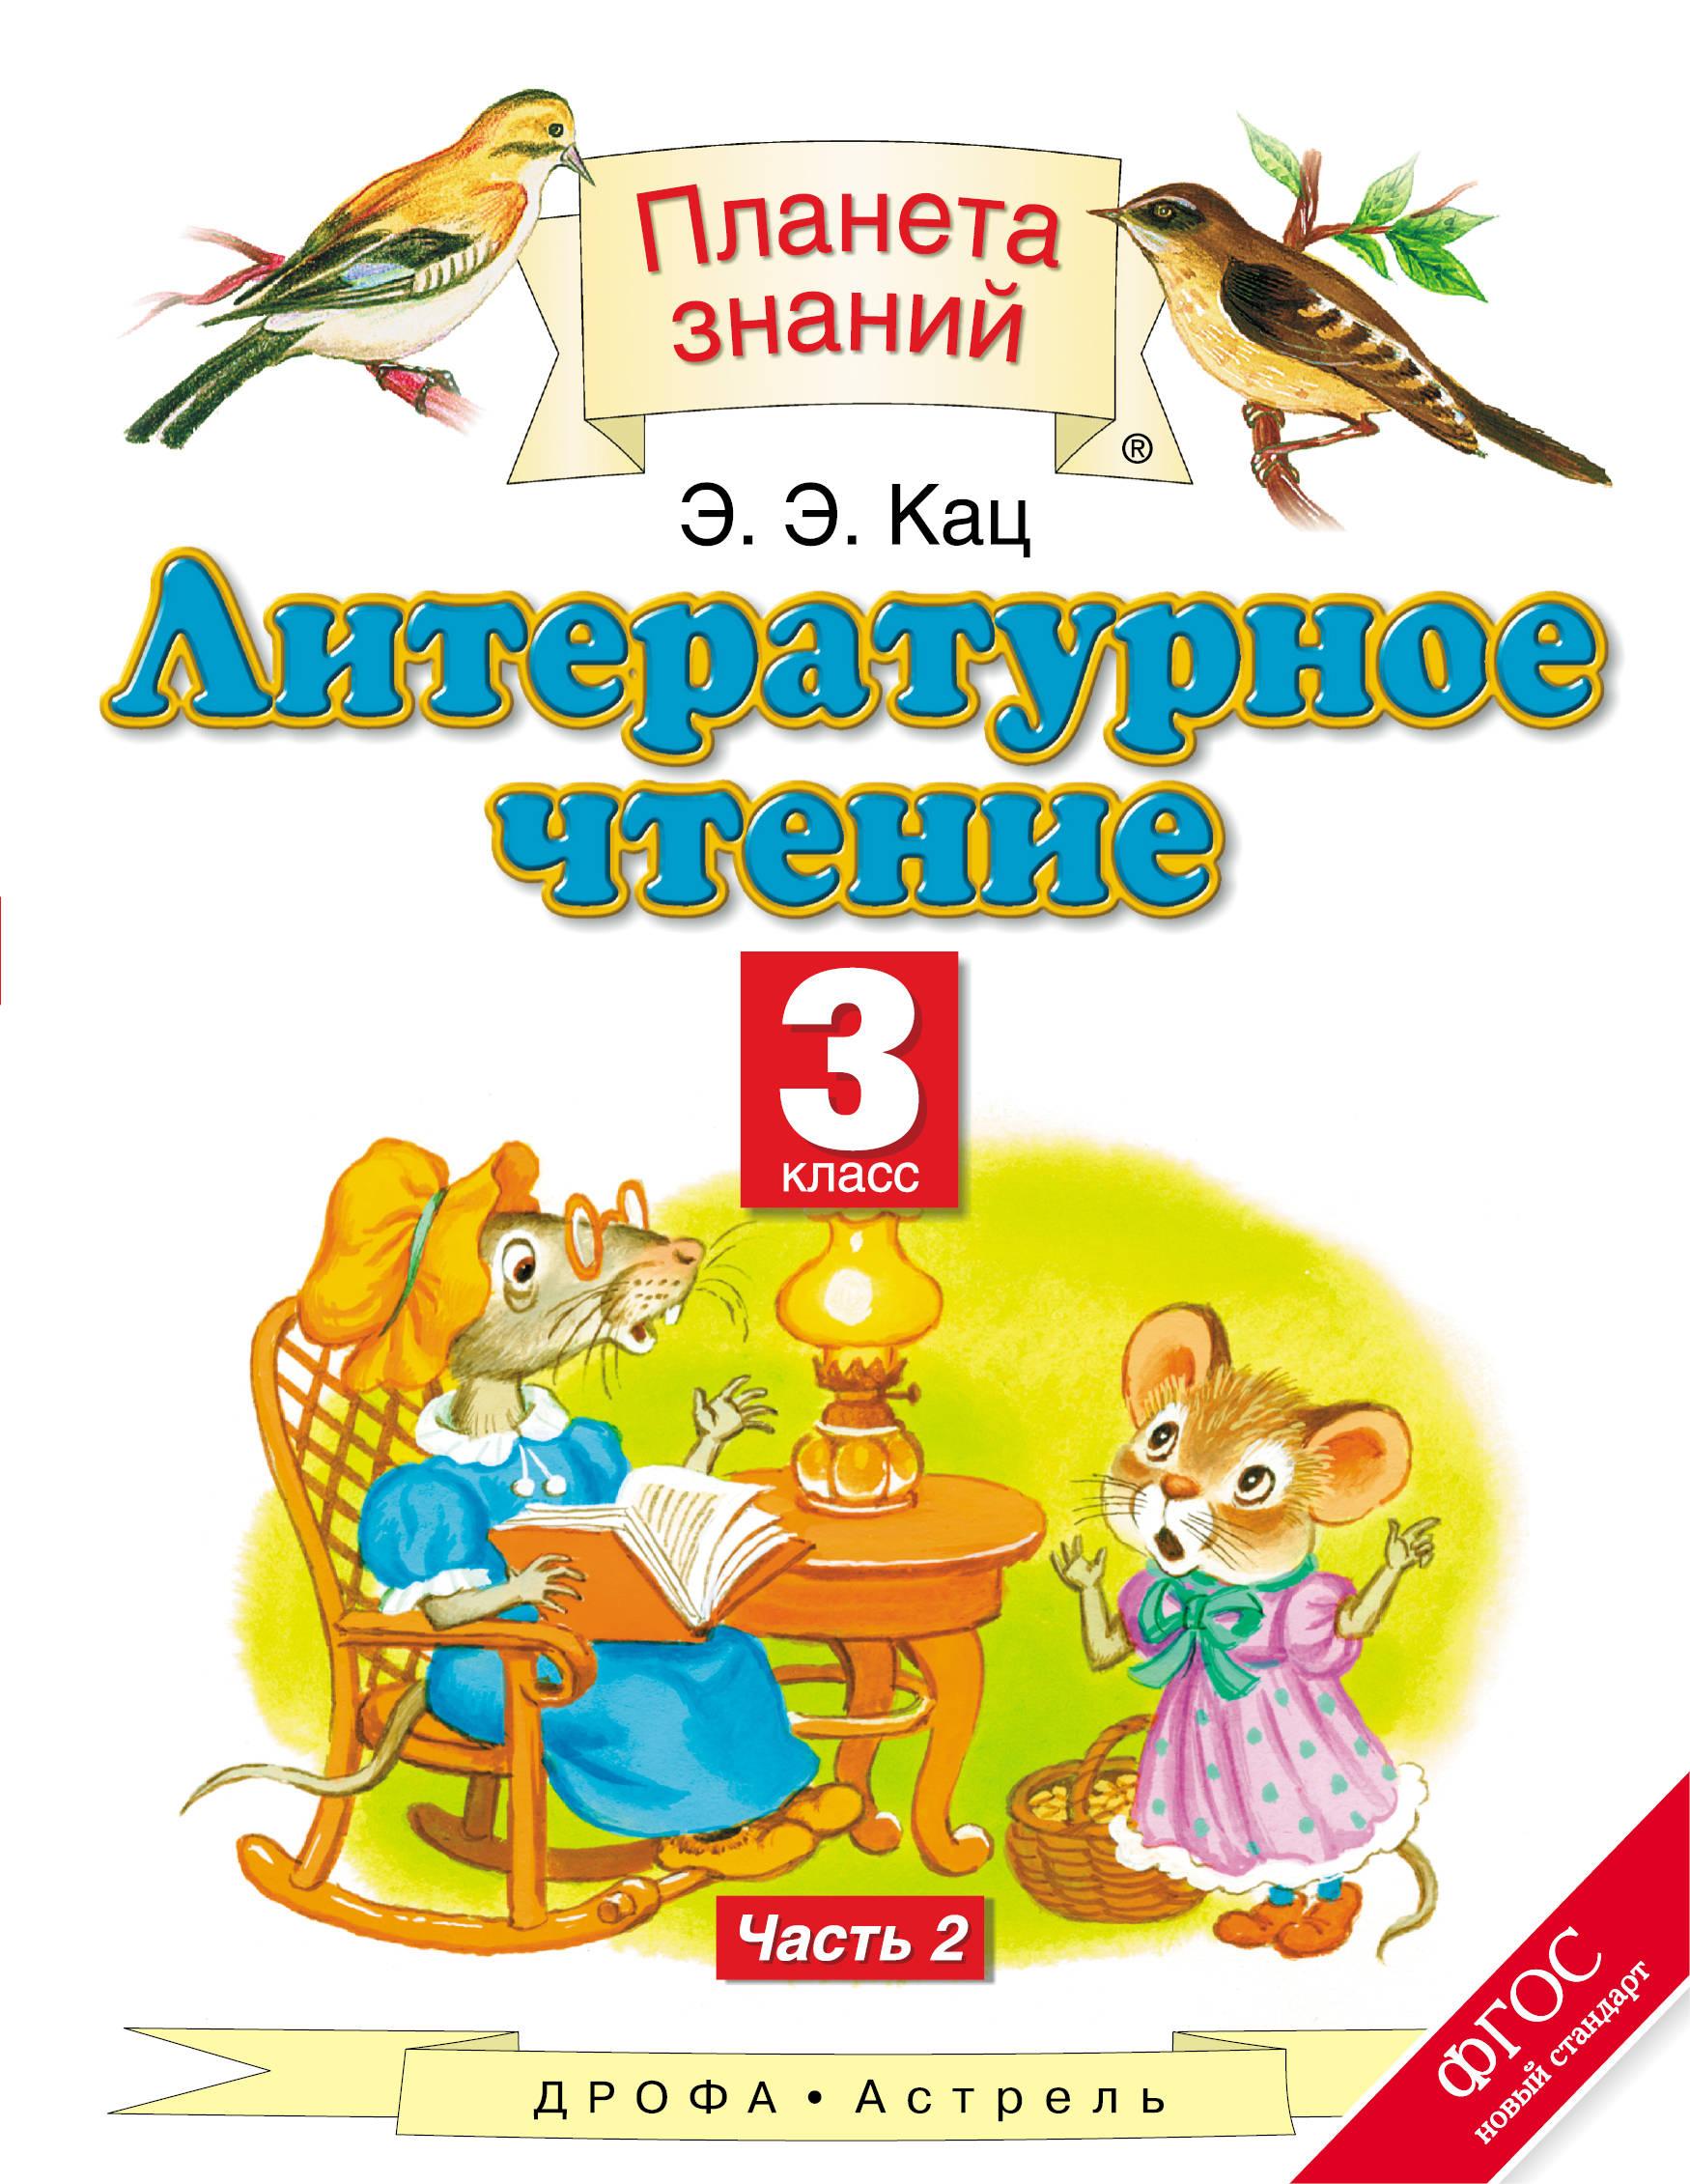 Э. Э. Кац Литературное чтение. 3 класс. Учебник. В 3 частях. Часть 2